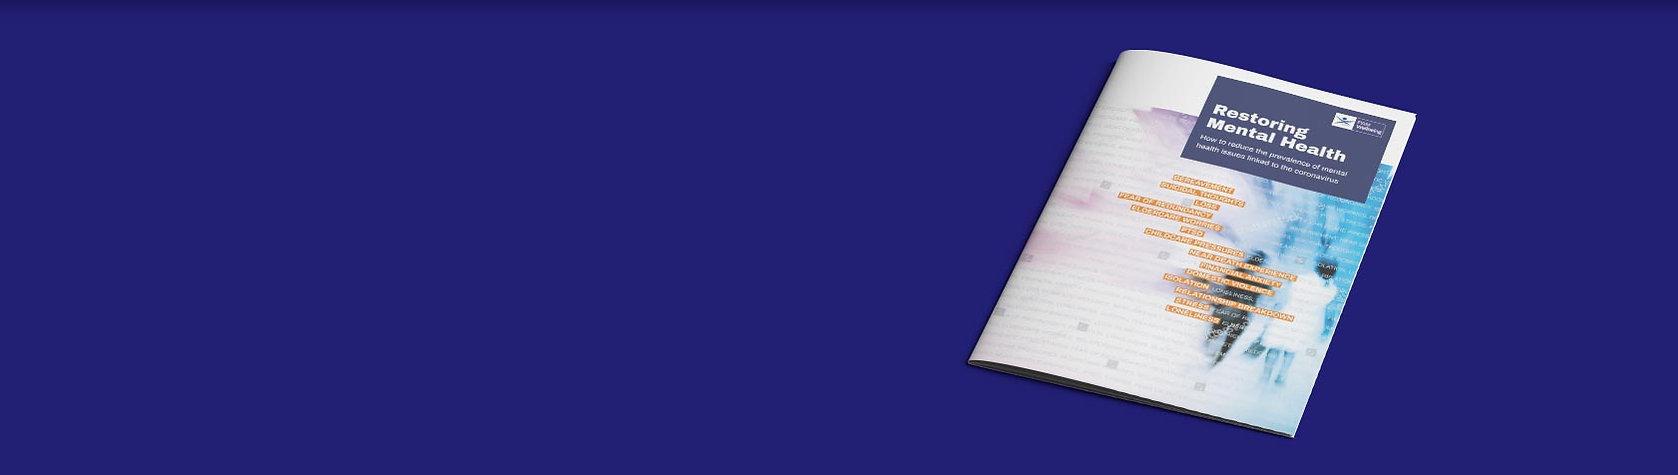 BAnner-3.jpg